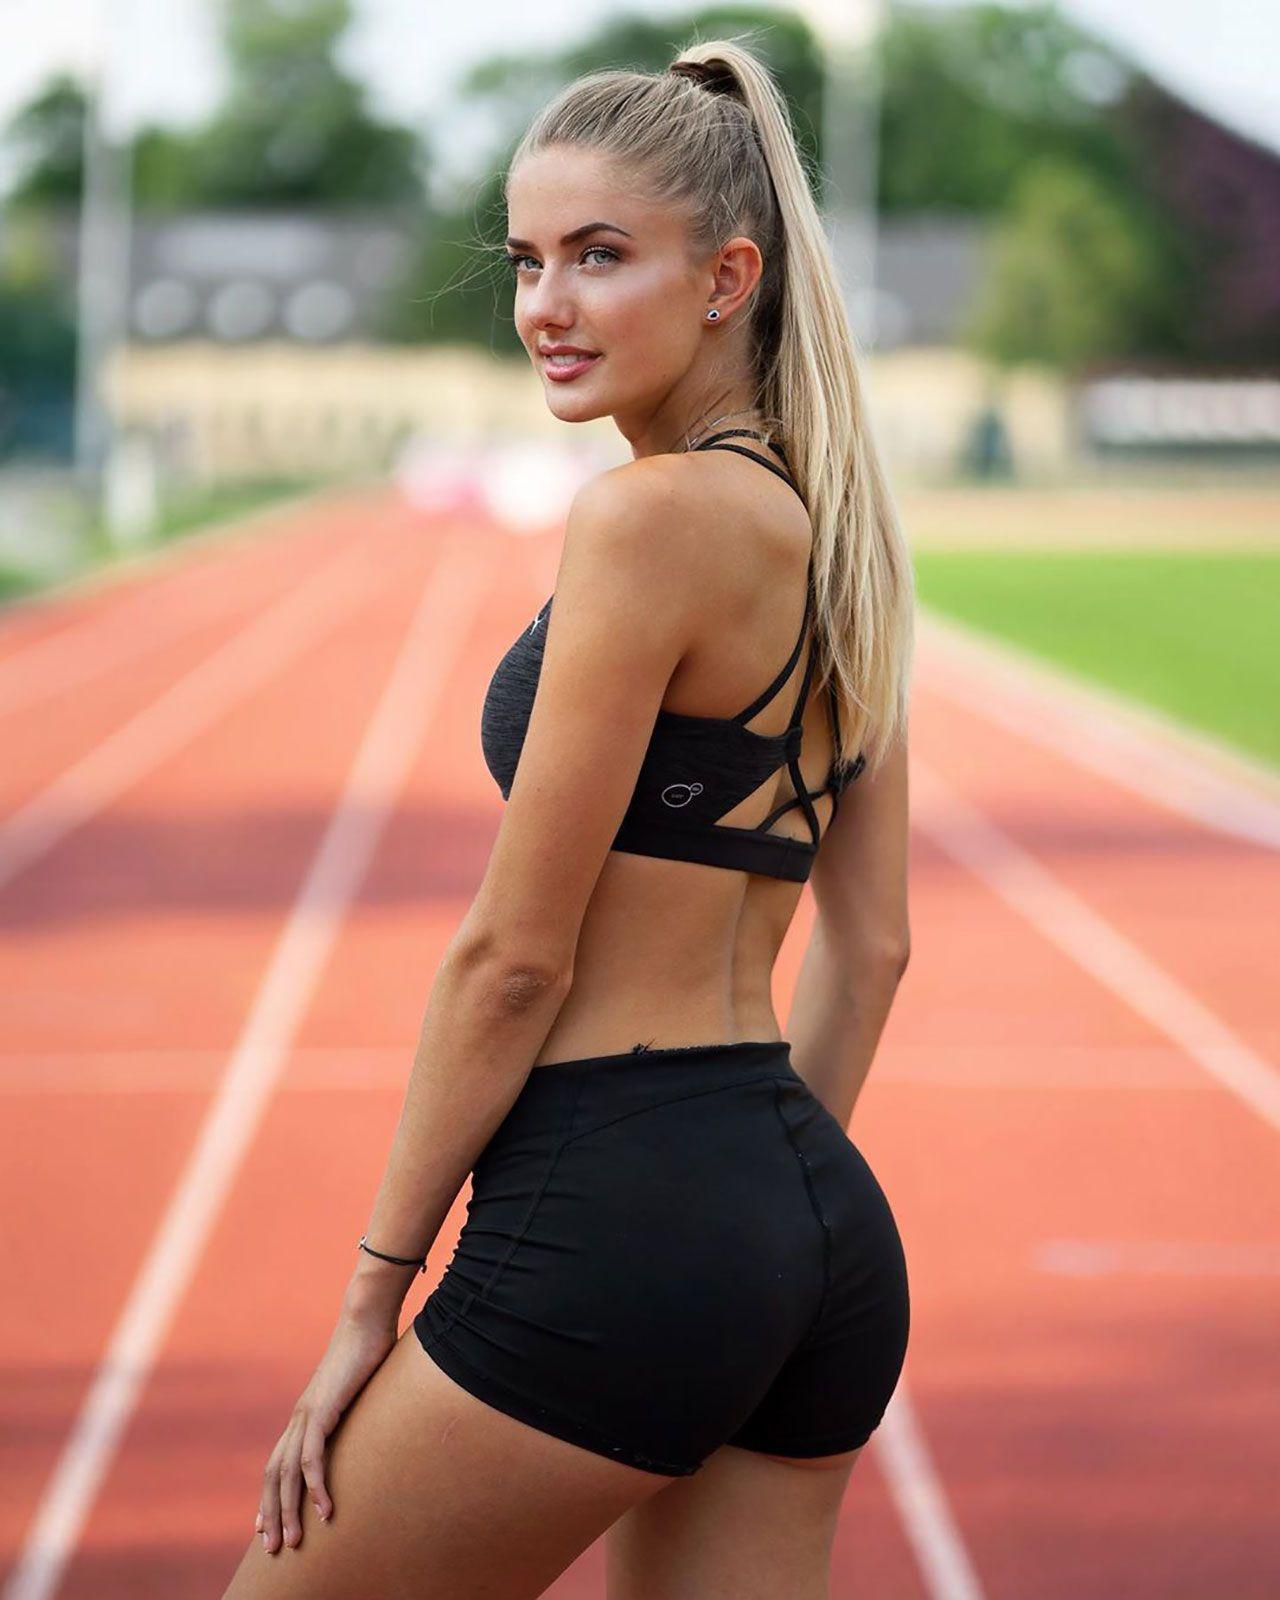 En güzel ve en seksi kadın atlet seçildi - Sayfa 3